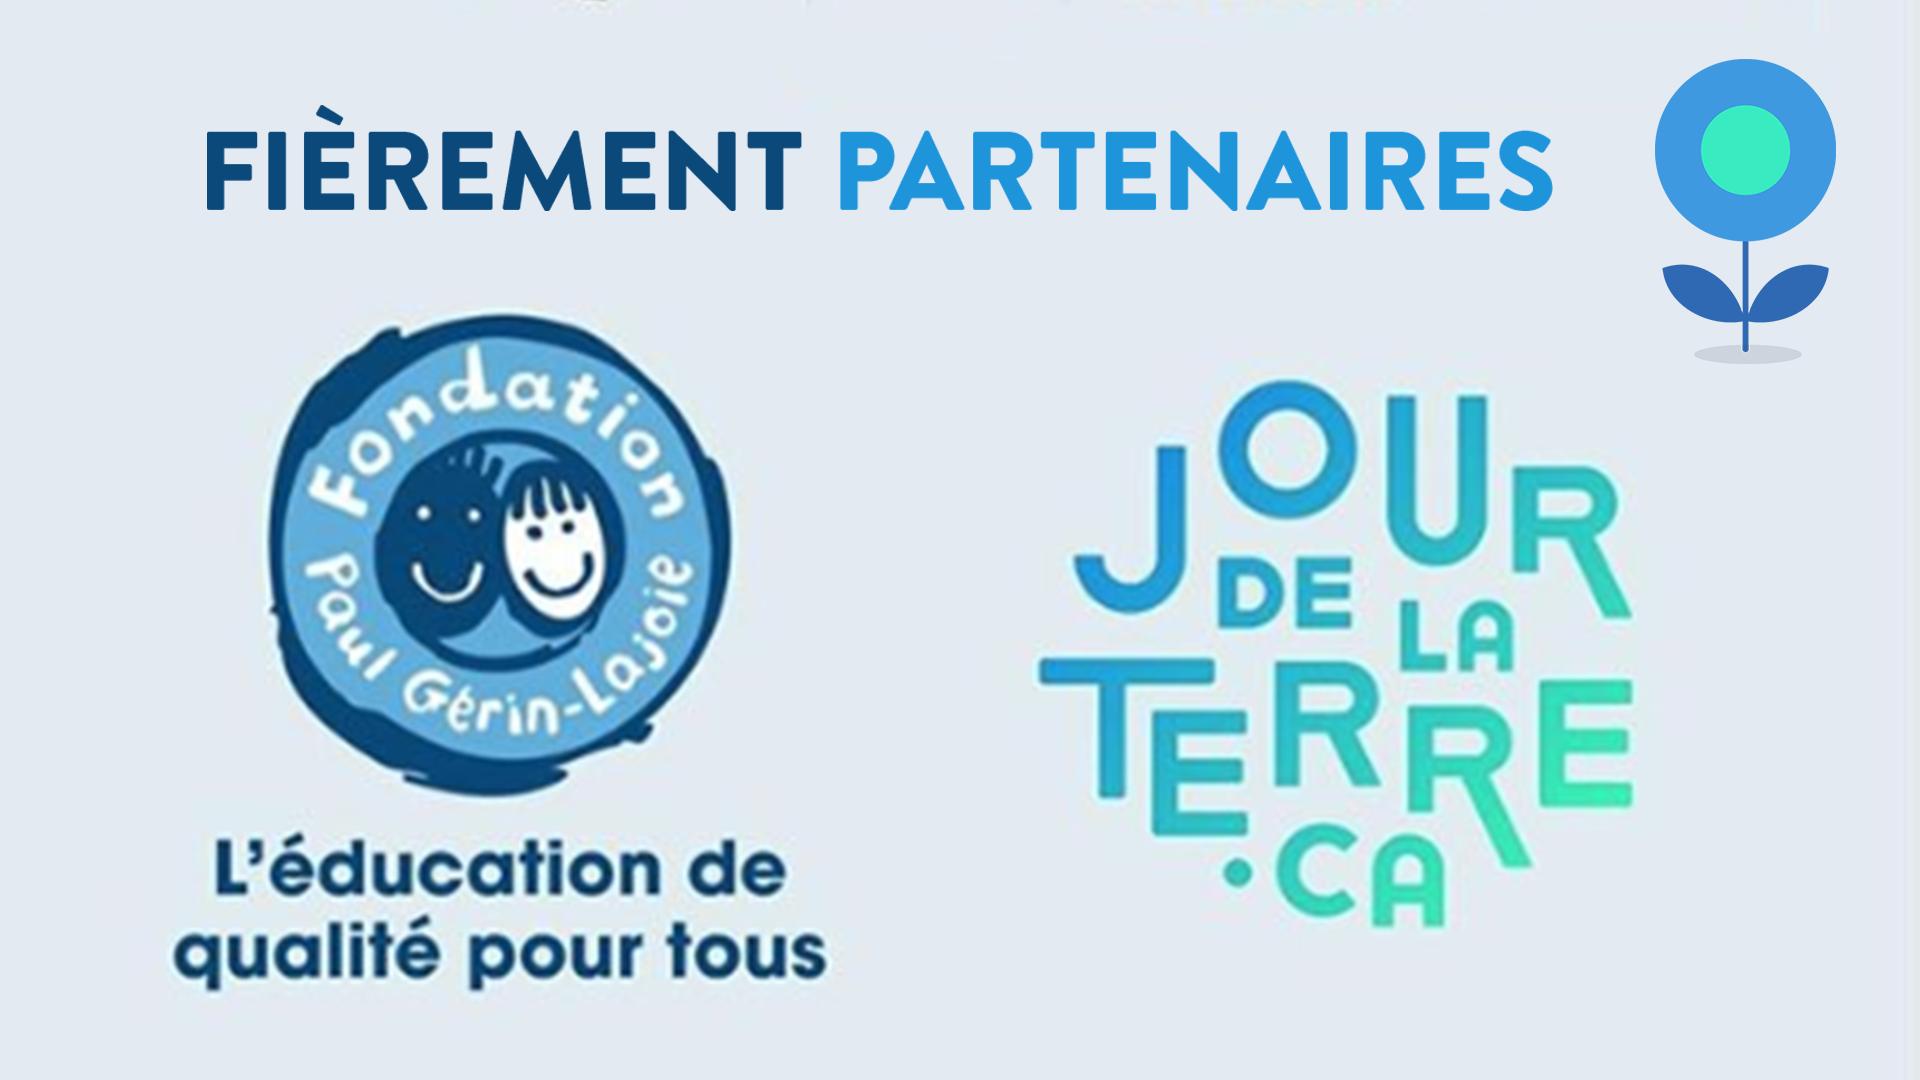 our_de_la_terre_quebec_qc_blogue_nouvelles_annonce_partenariat_fondation_paul_gerin_lajoie